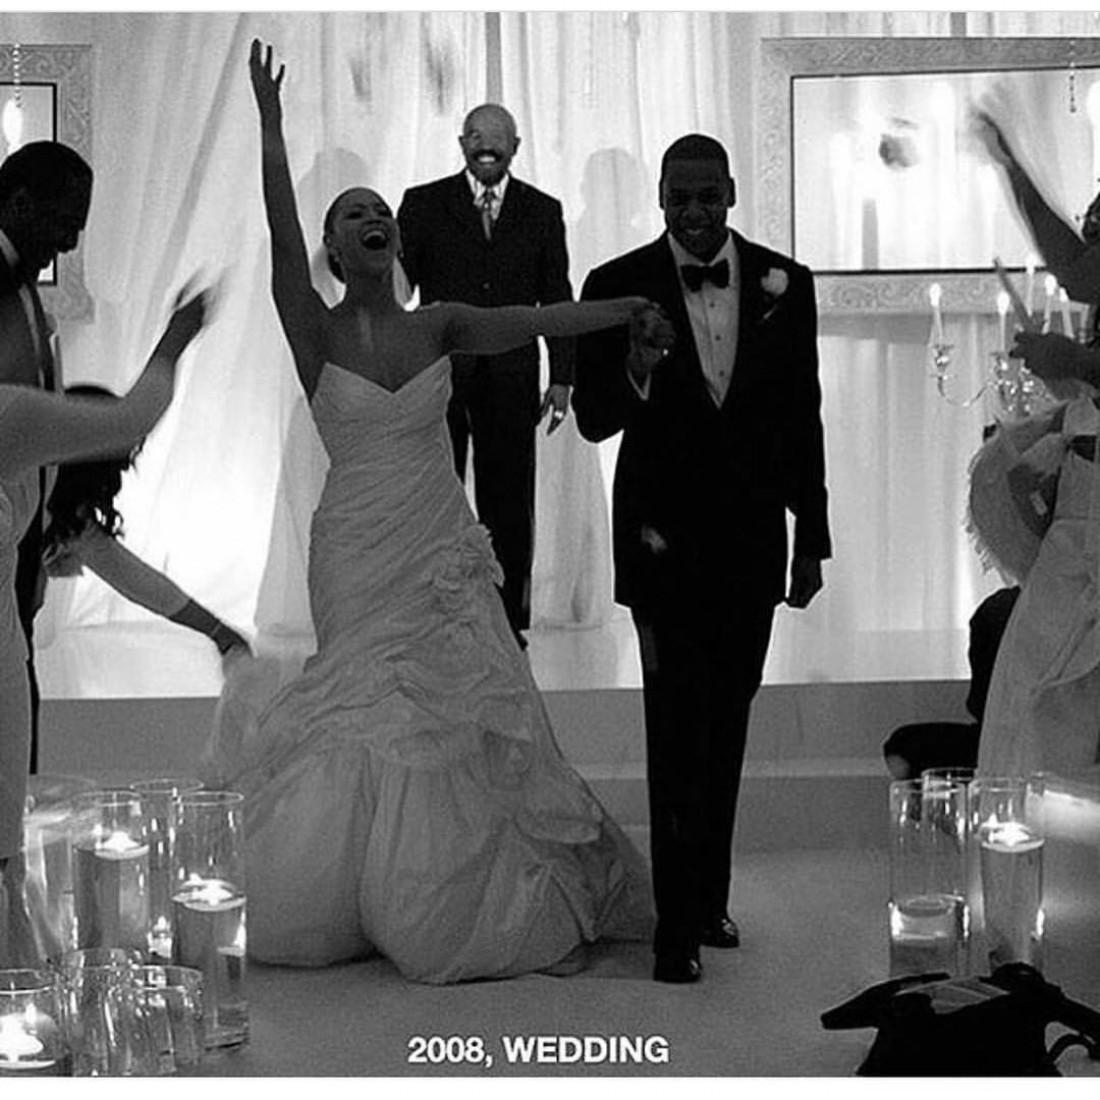 Фото со свадьбы Бейонсе, которое опубликовала ее мама